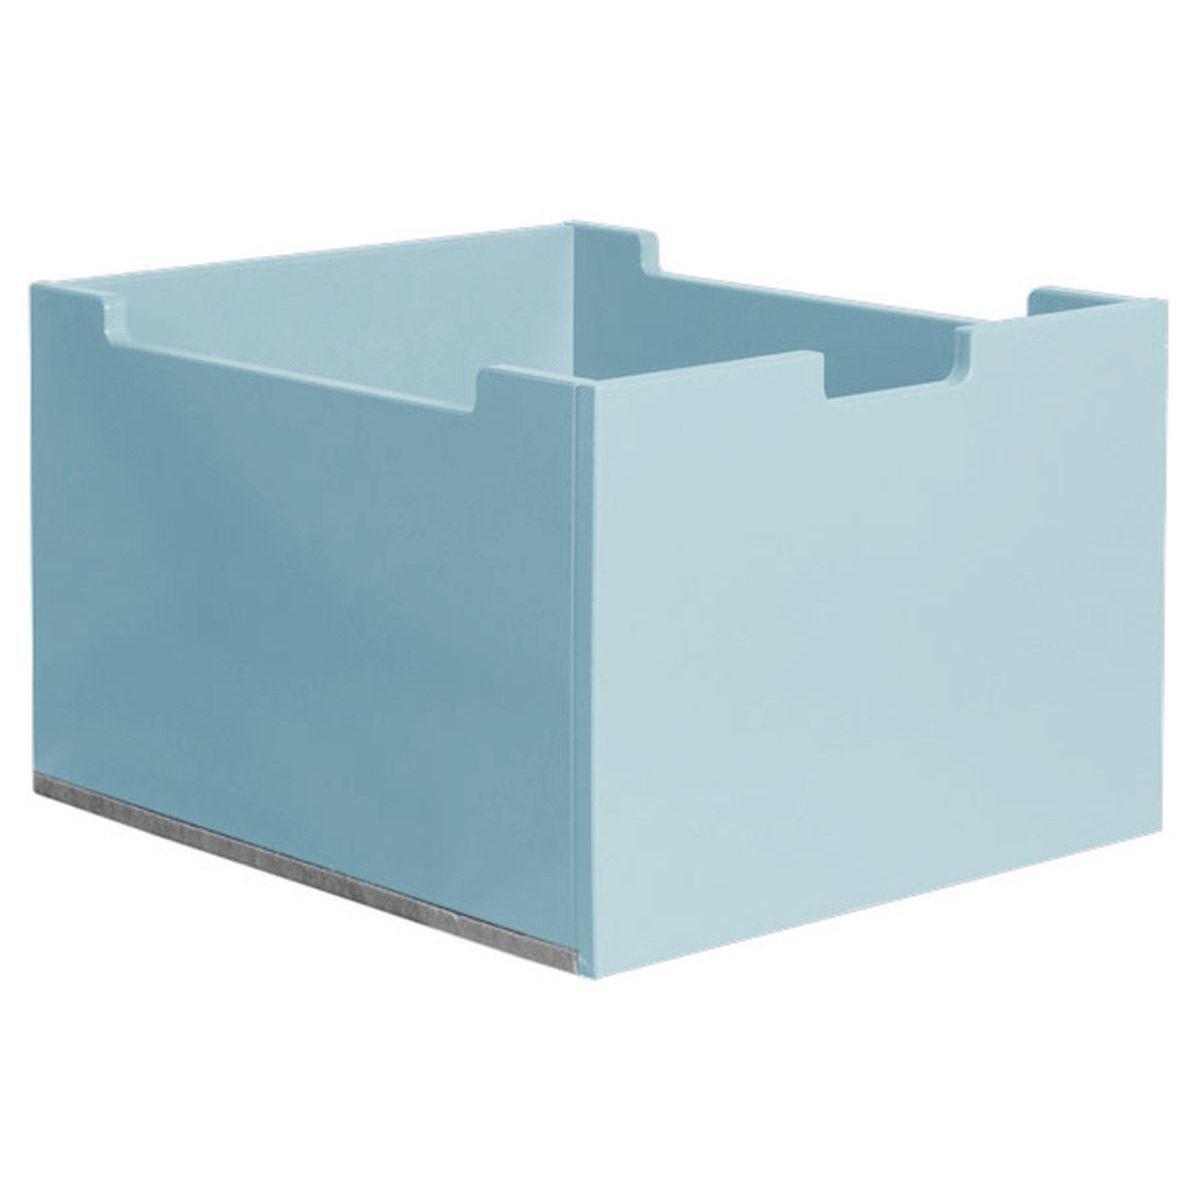 Tiroir moyen MIX AND MATCH Bopita light blue